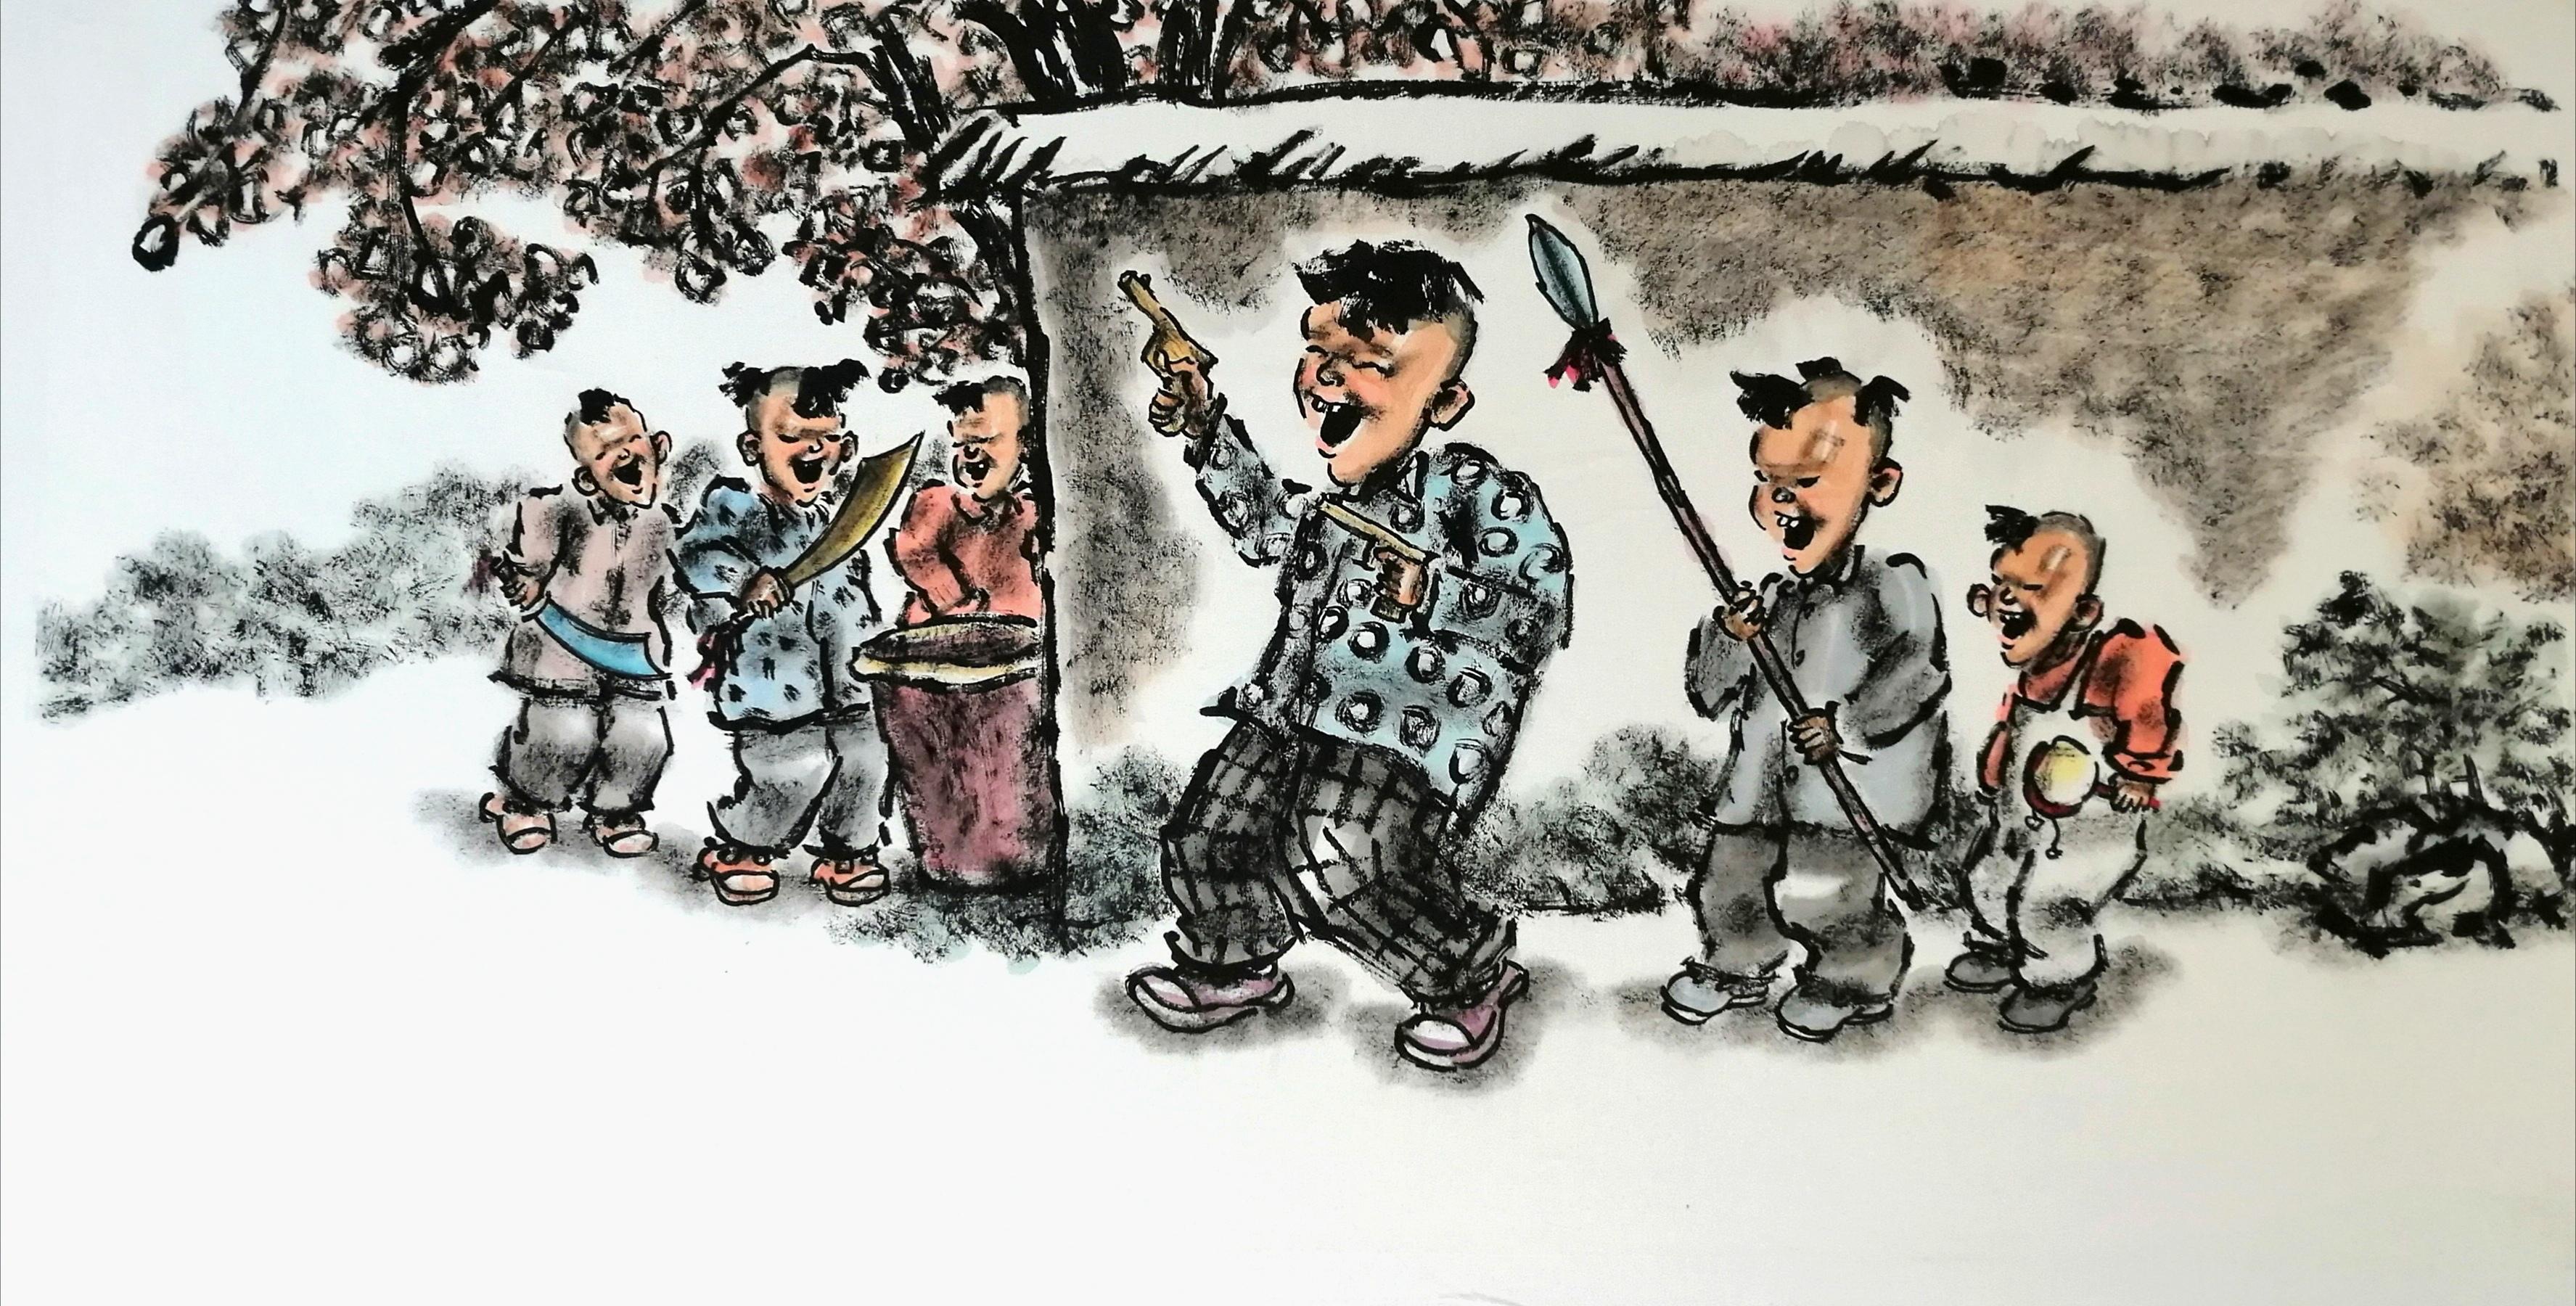 巧手匠心铸精品――专访河南省工艺美术大师薛小飞